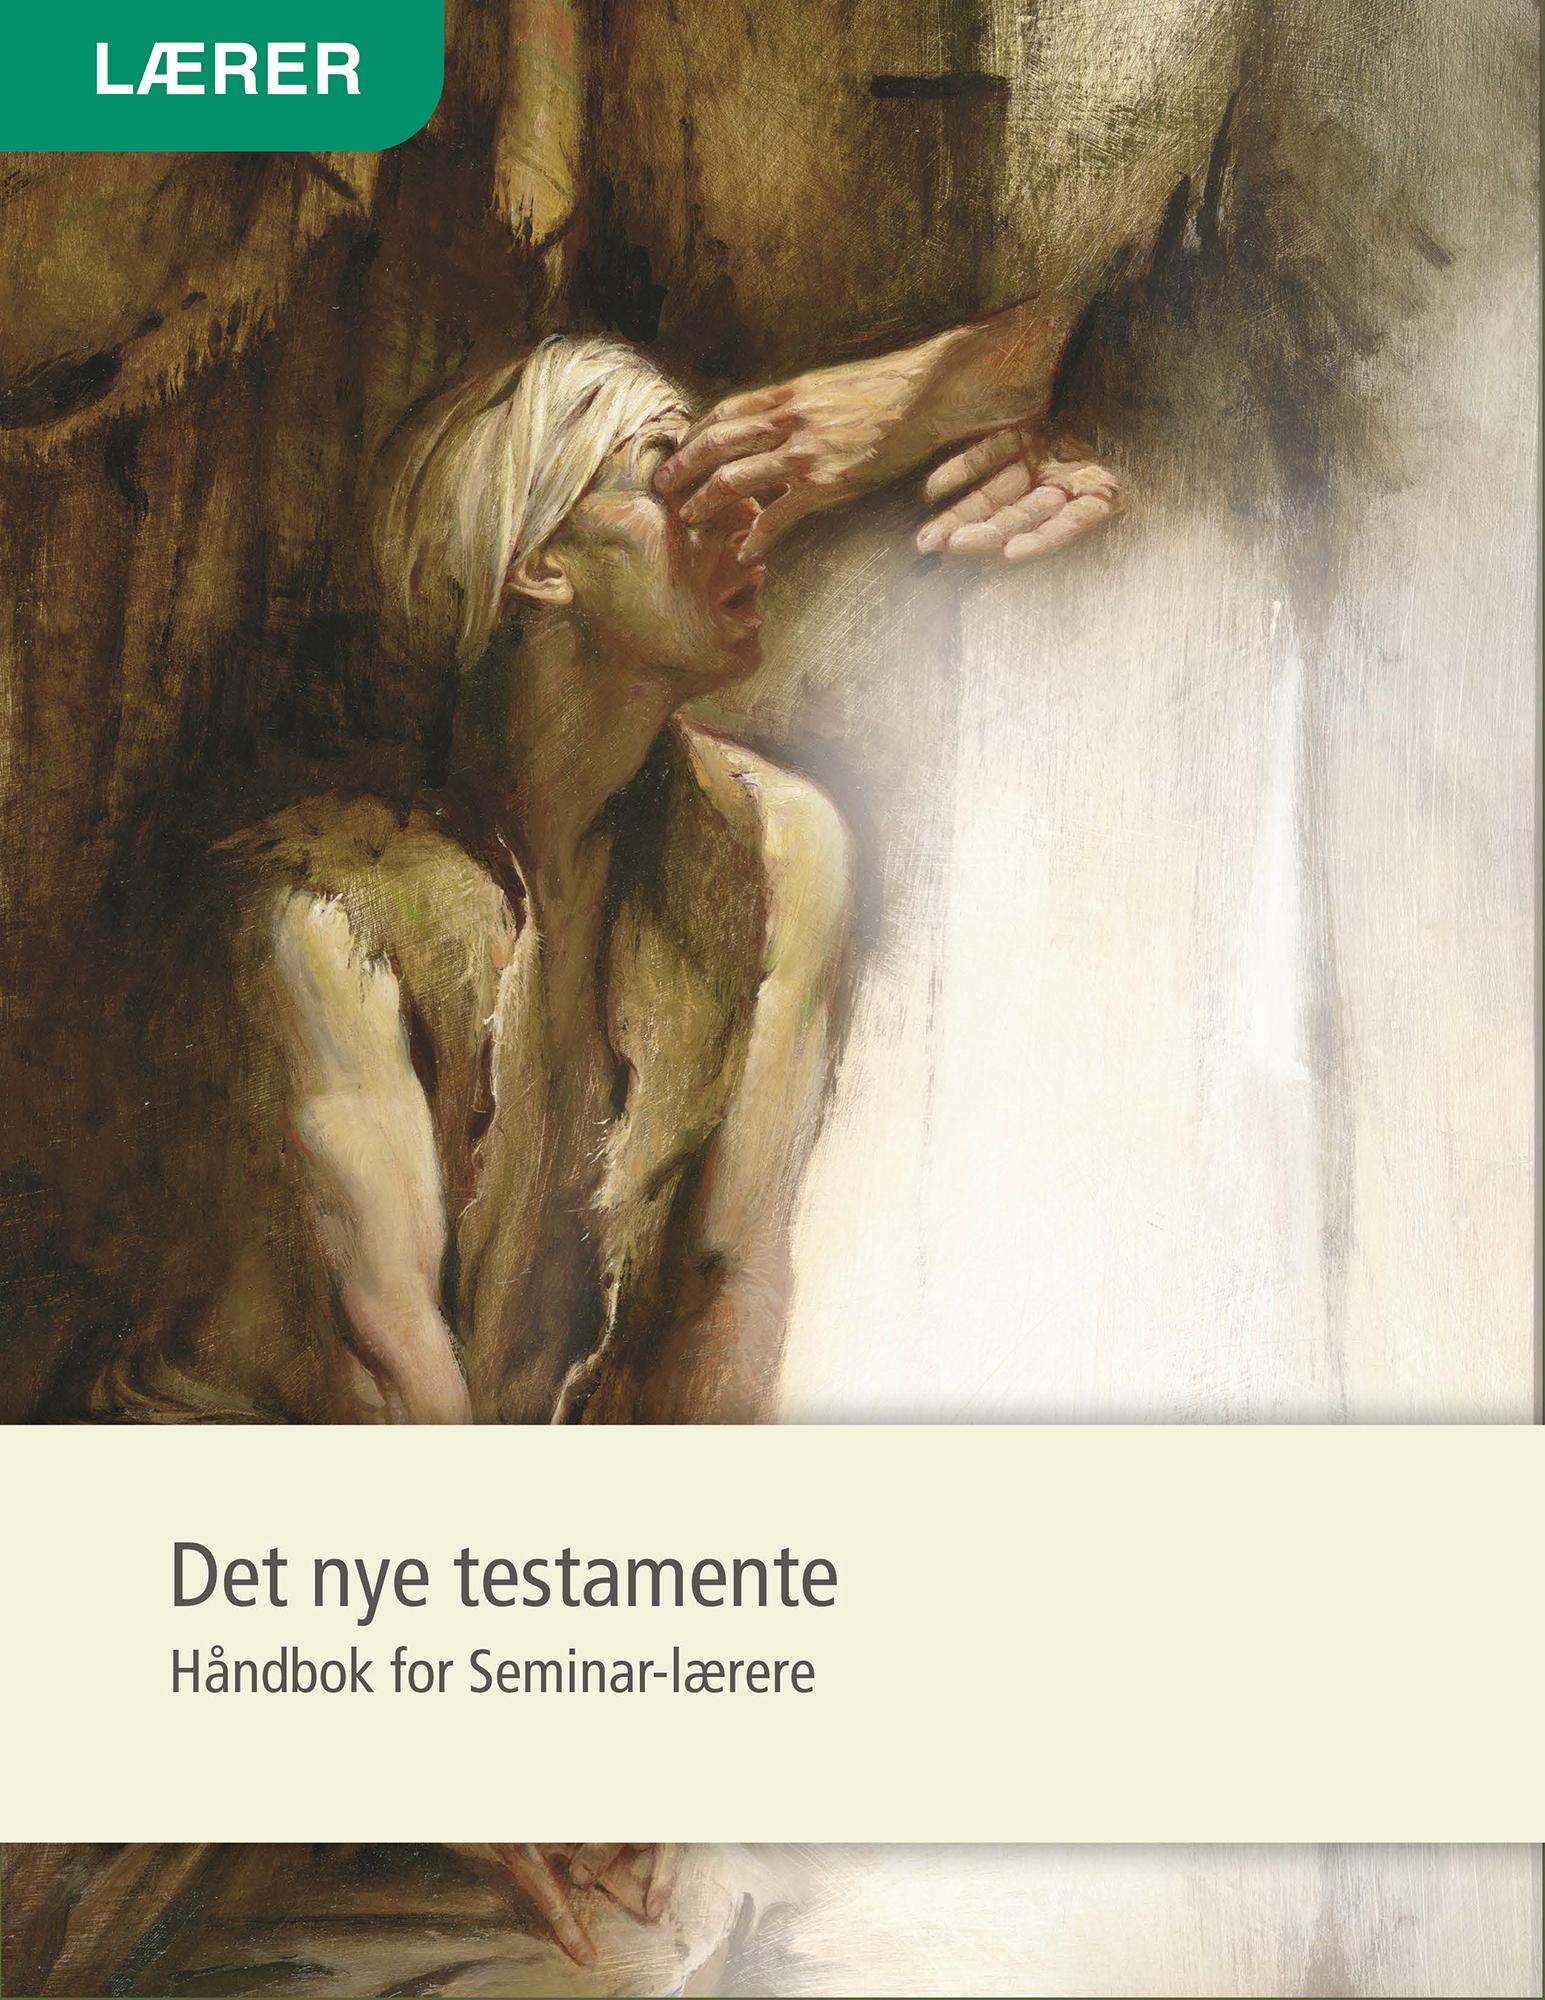 Det nye testamente, håndbok for Seminar-lærere